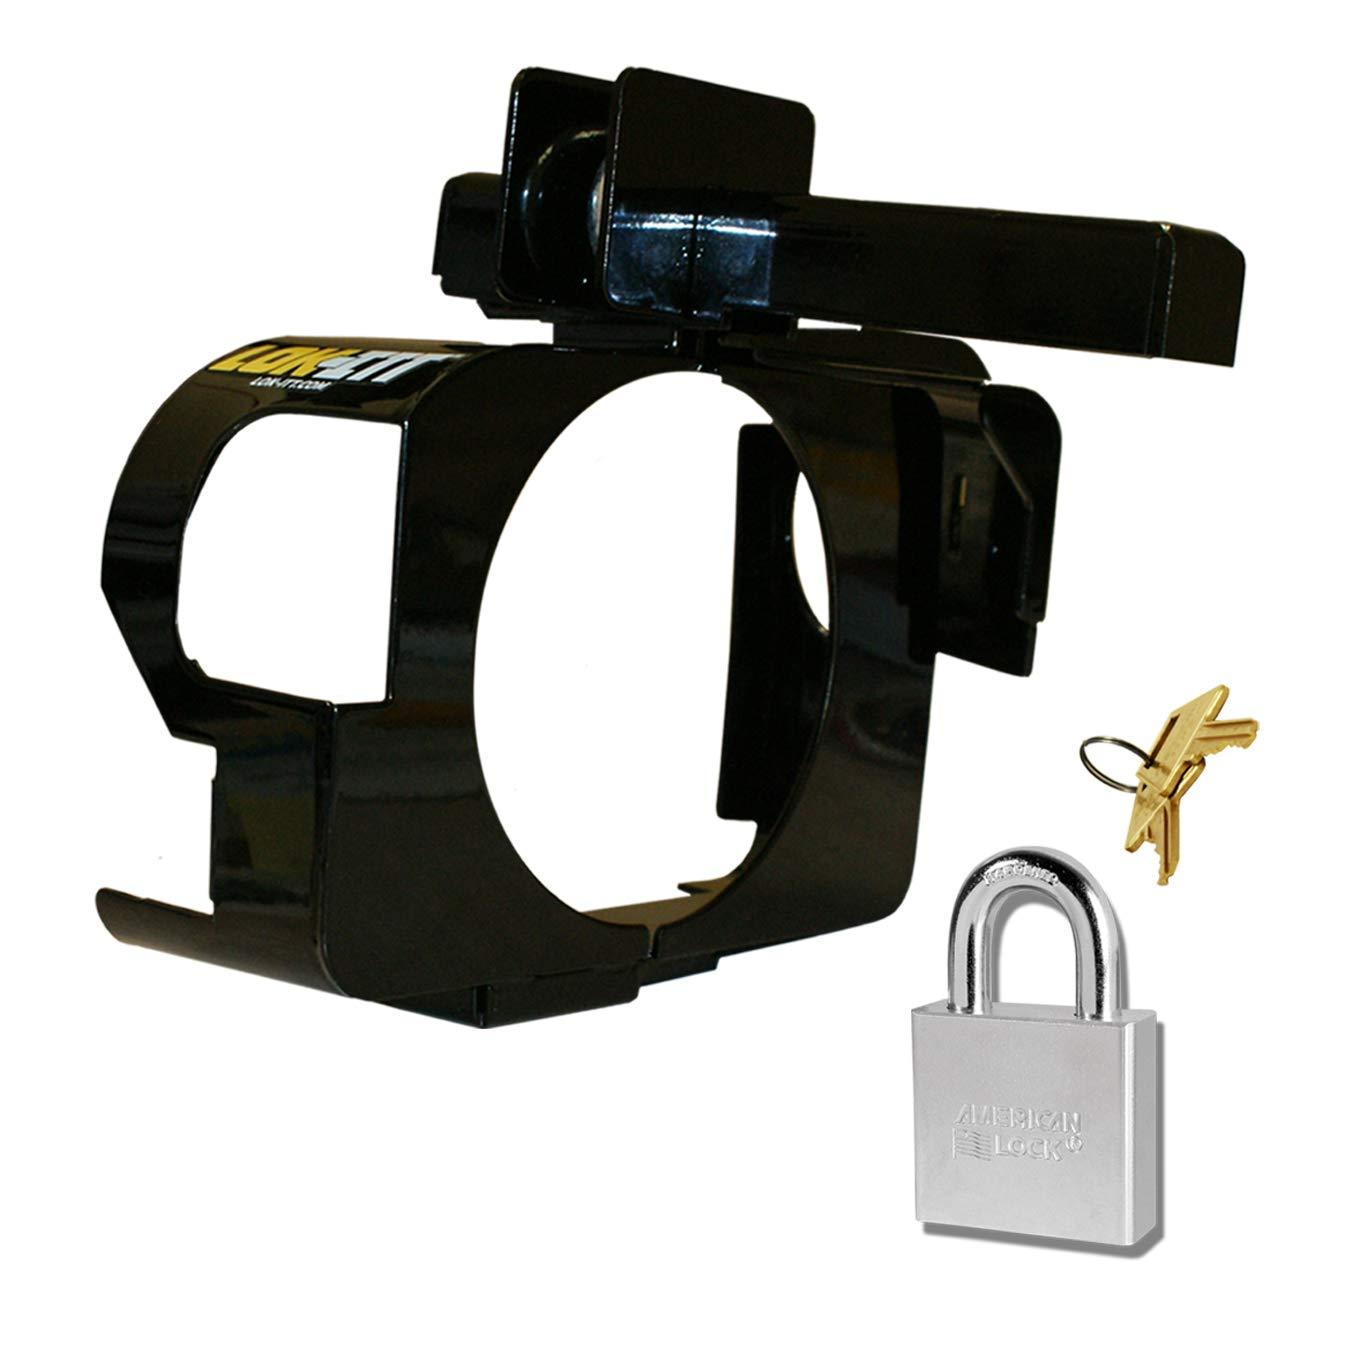 1clickautoacc Steering Column Lock, P250 Lok-Itt Steering Lock, fits GM SUV Trucks 1997-2013